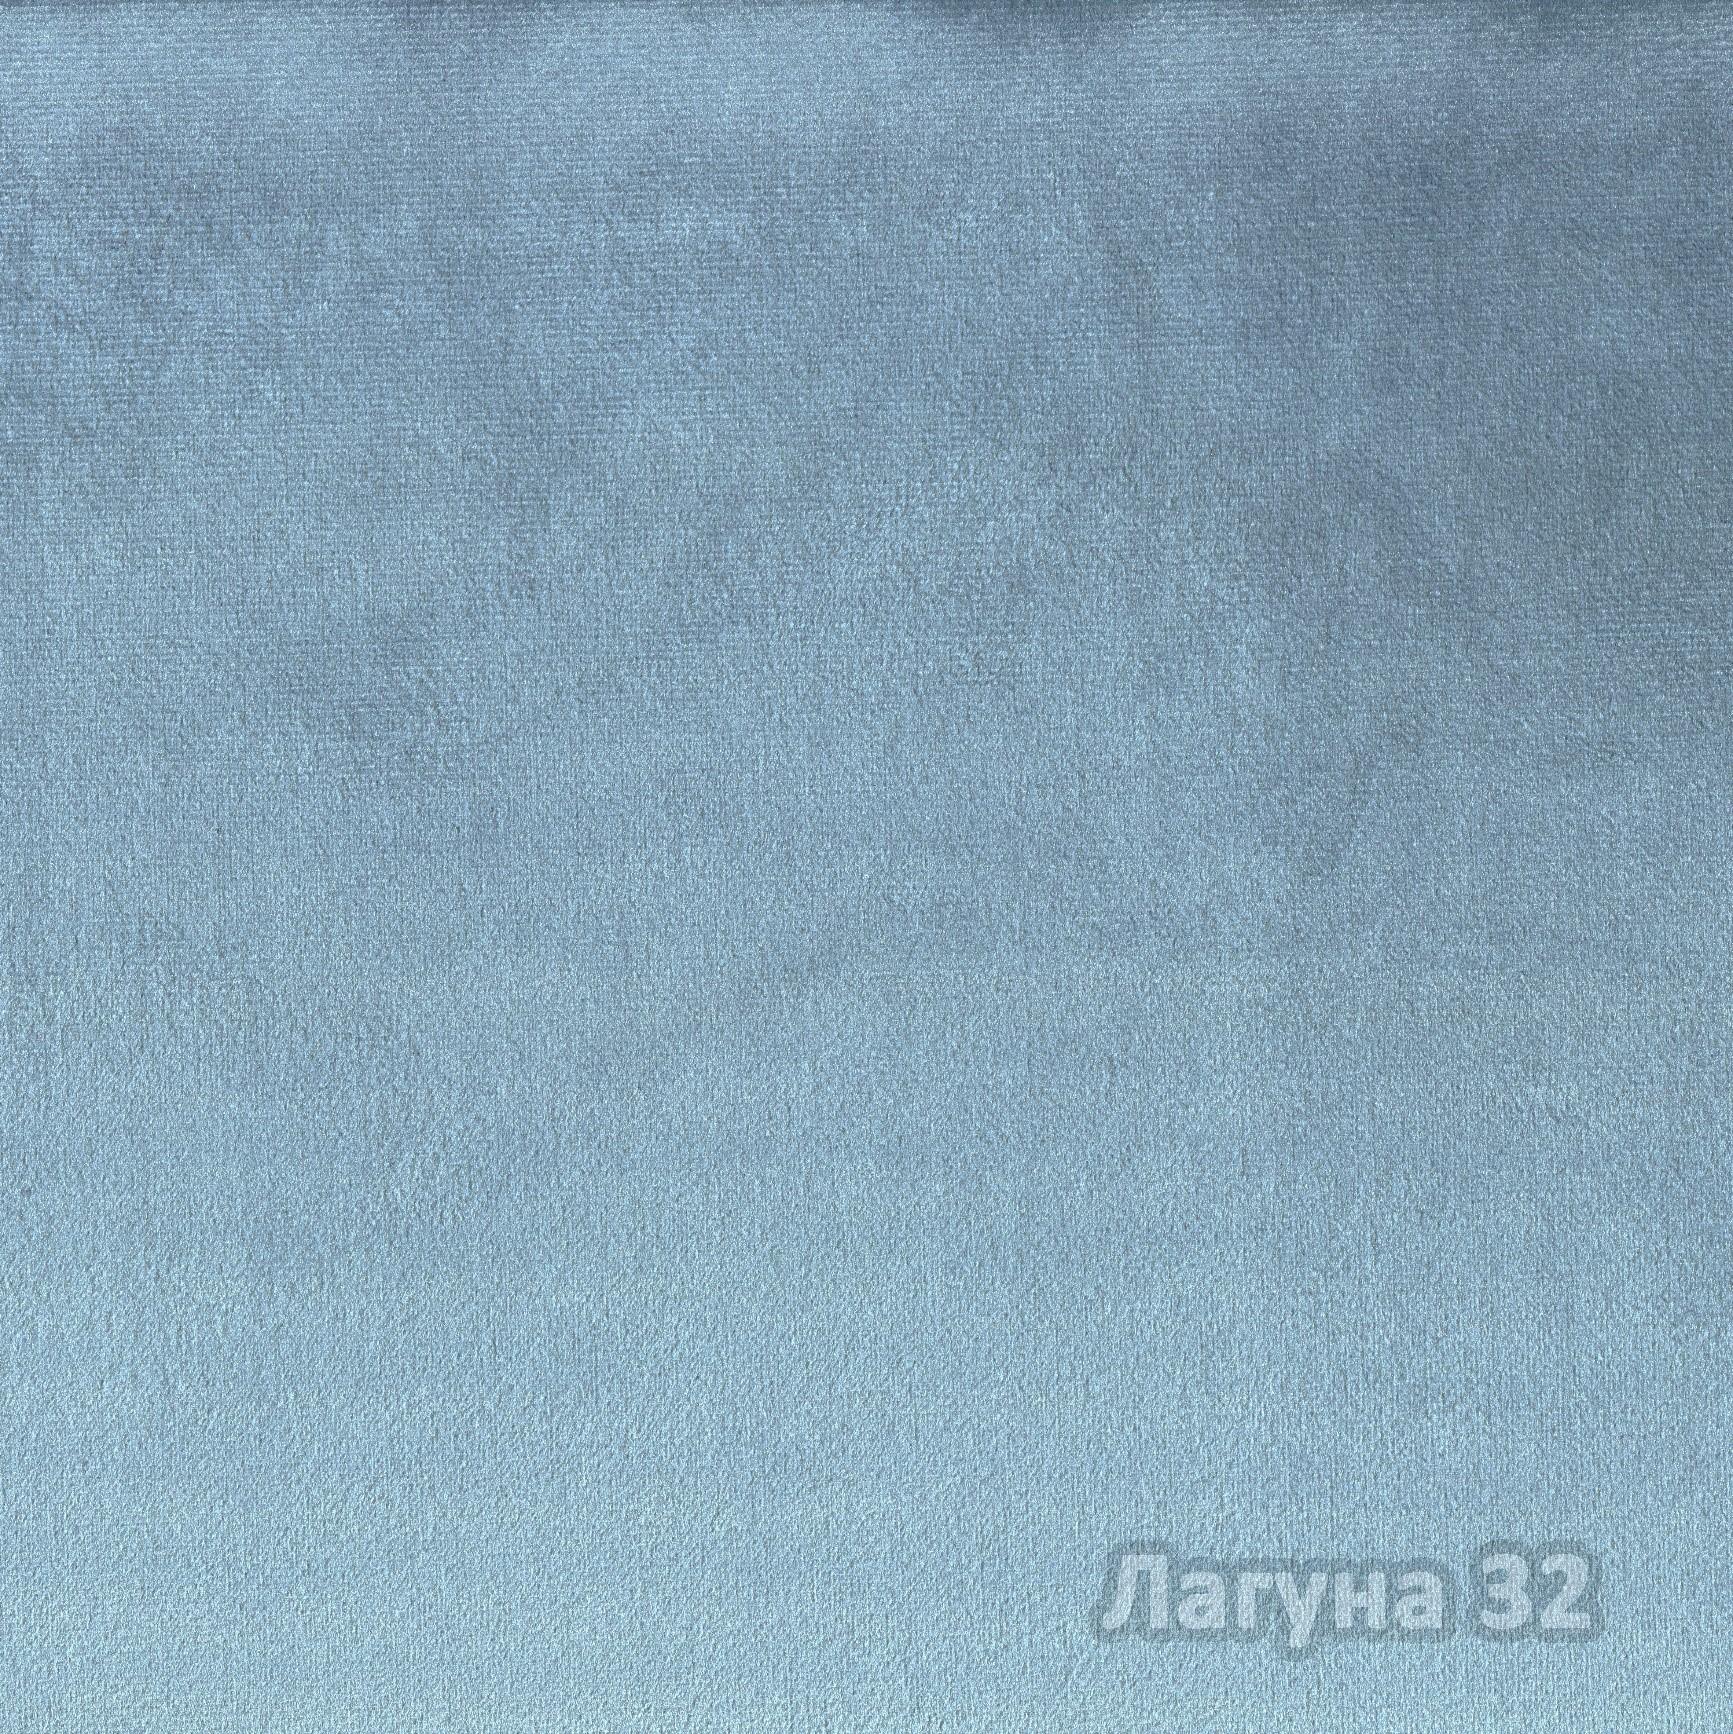 Коллекция ткани Лагуна 32,  купить ткань Велюр для мебели Украина